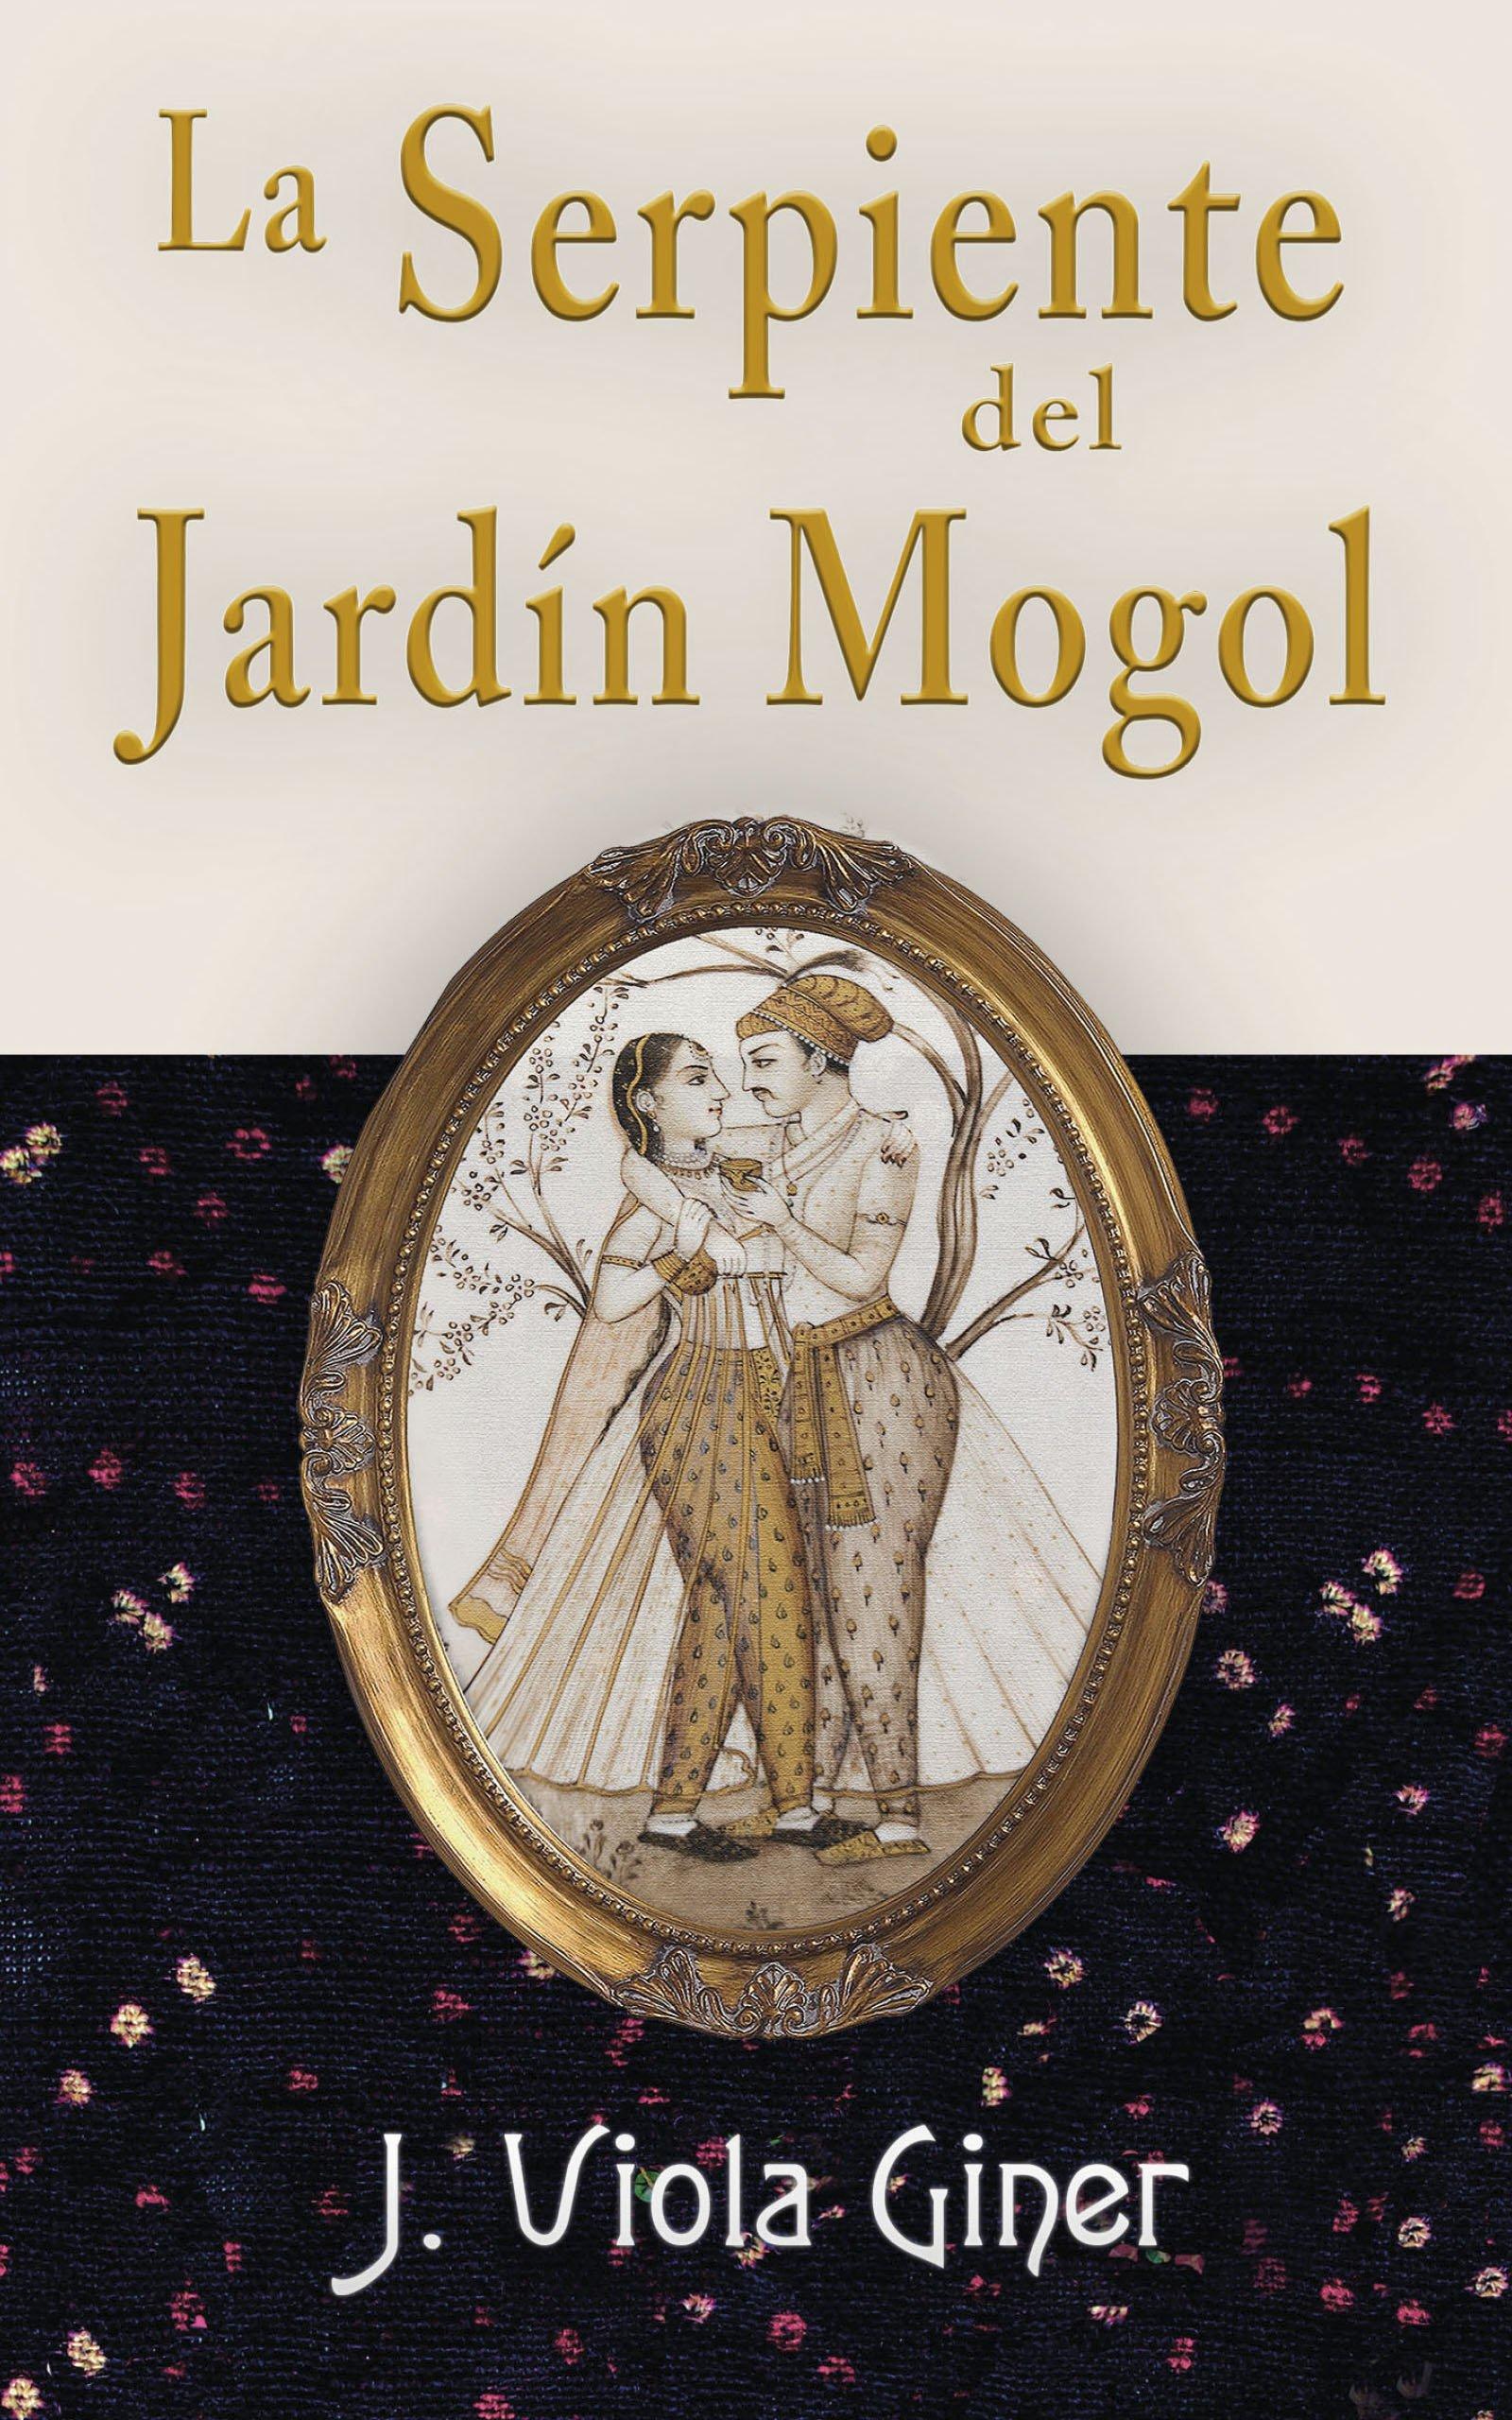 La Serpiente del Jardín Mogol, de Jorge Viola Giner